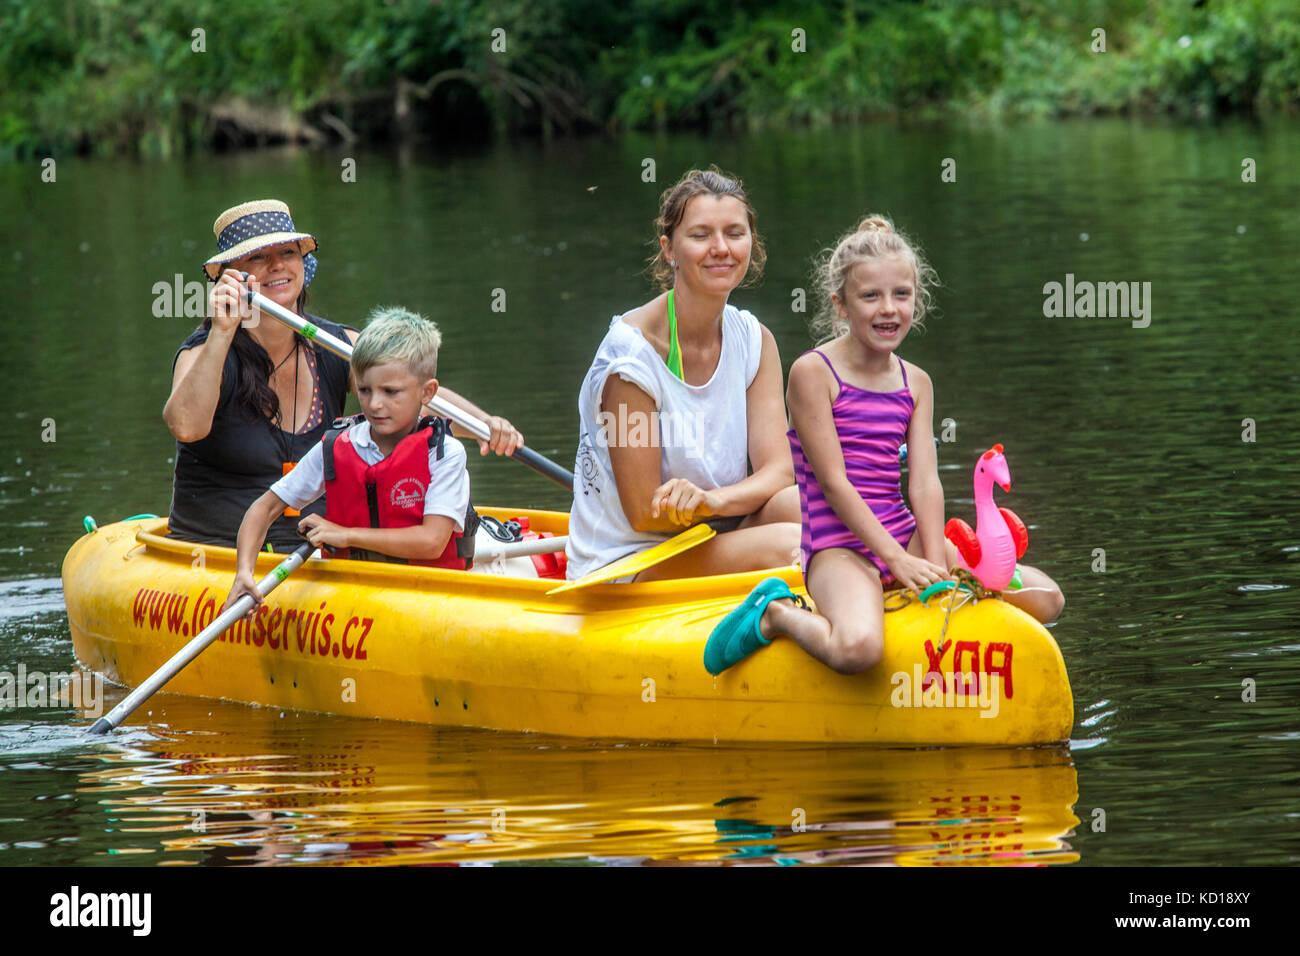 Canoë famille avec trois pagayeurs génération de descendre par la rivière Otava, les gens, les Photo Stock